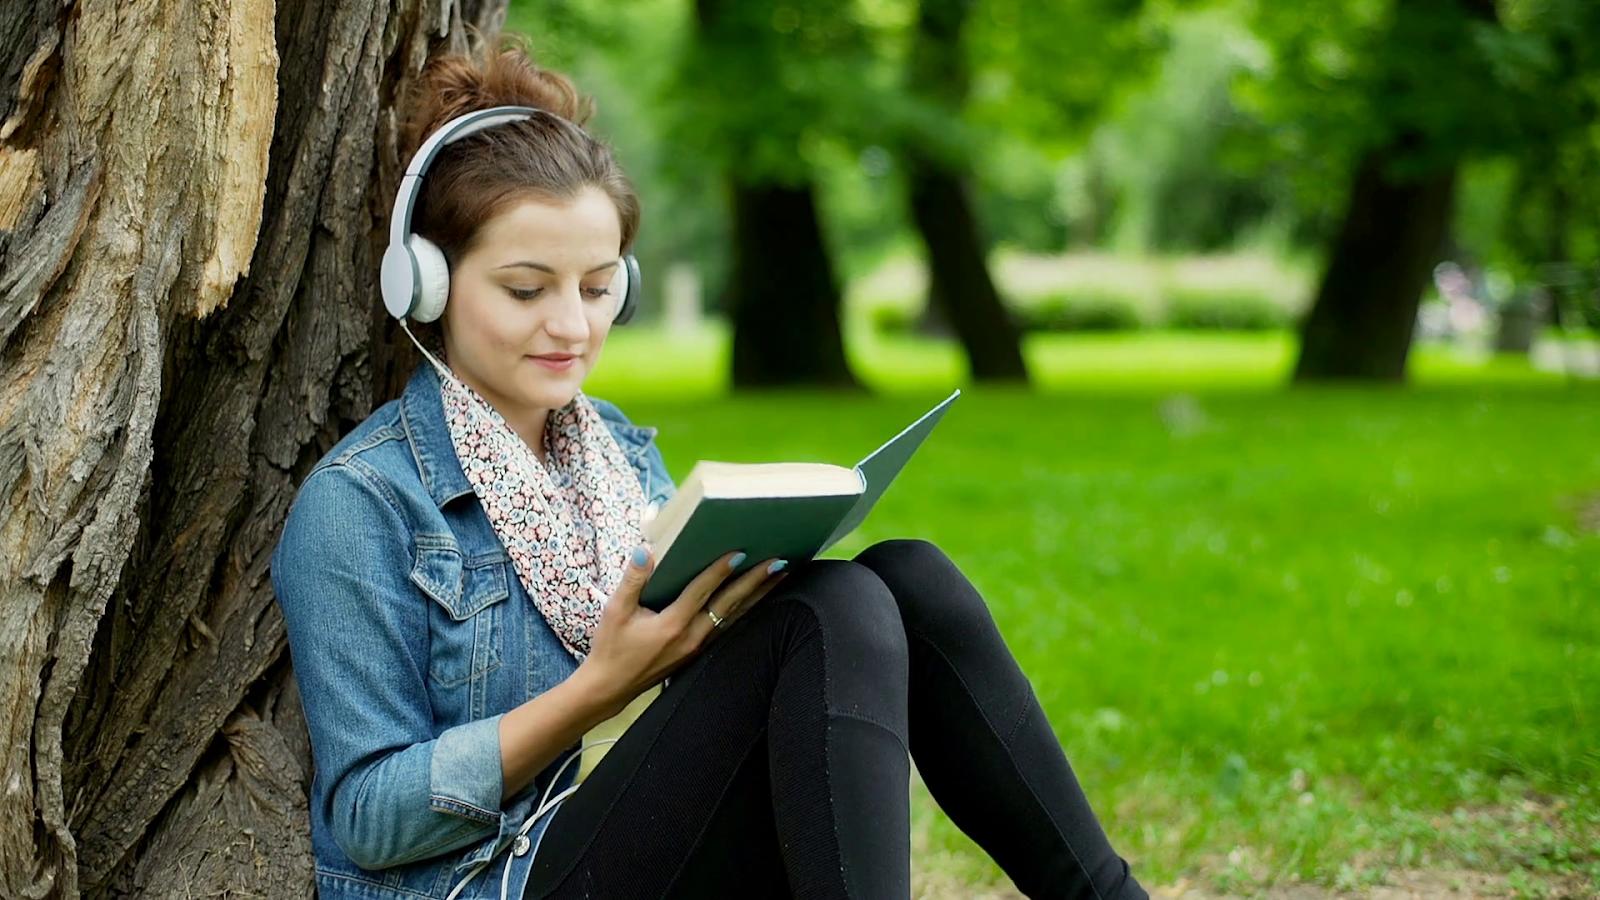 Nghe tiếng Anh hằng ngày sẽ giúp cải thiện kĩ năng nghe một cách đáng kể